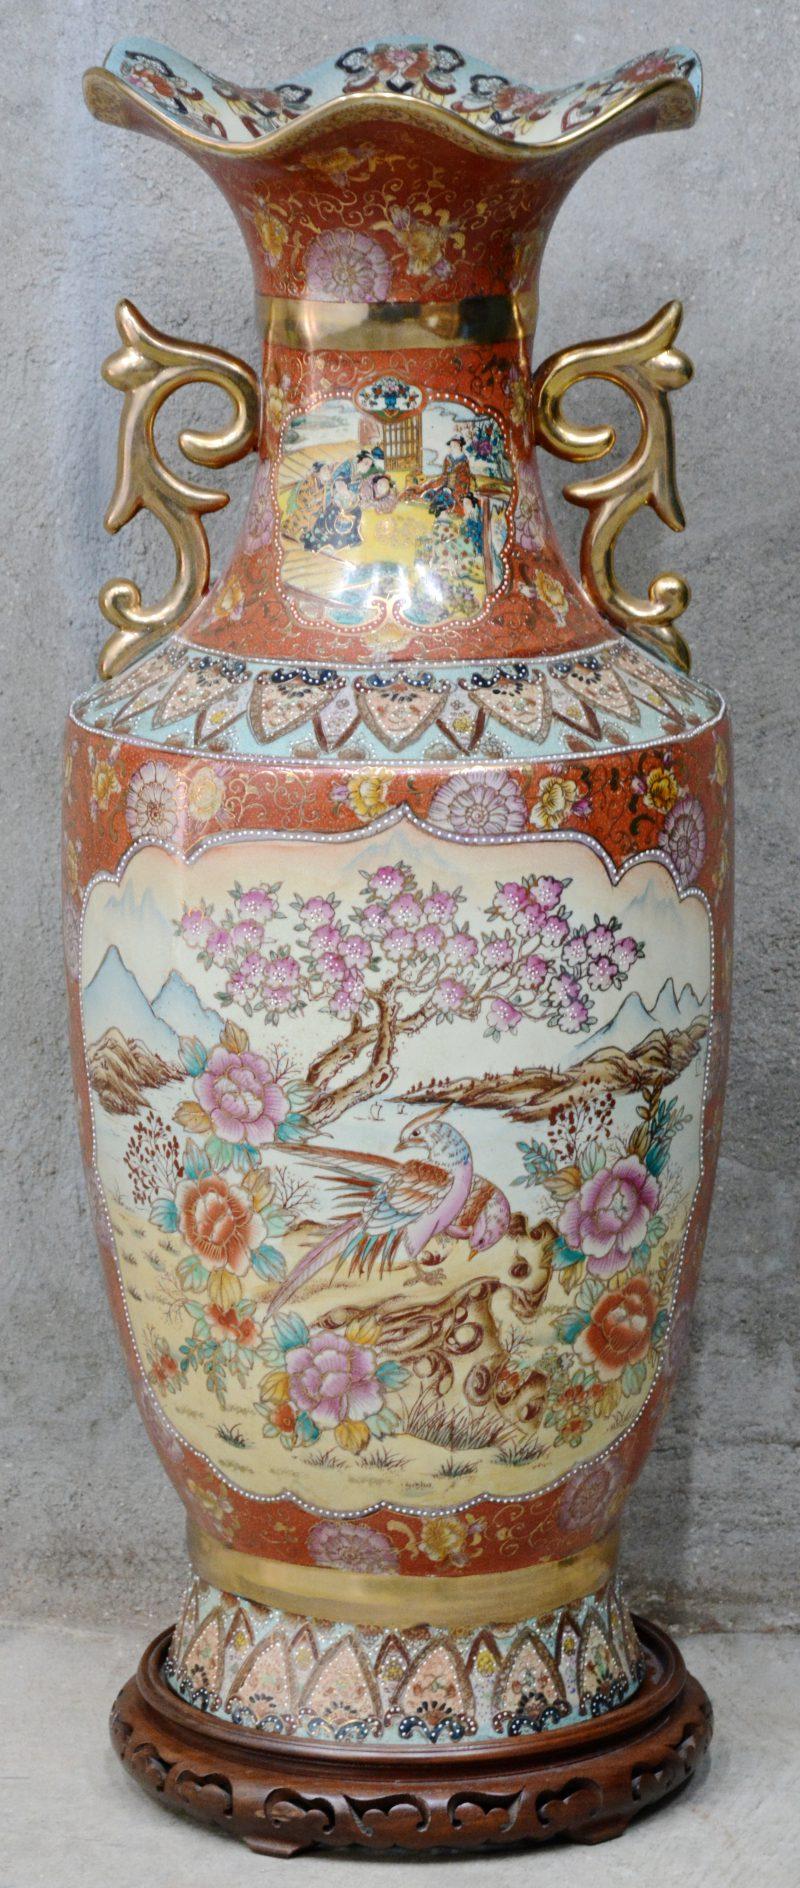 Een grote vaas van Satsuma-aardewerk met een meerkleurig en verguld decor van fazanten en pioenen. Op houten sokkel.